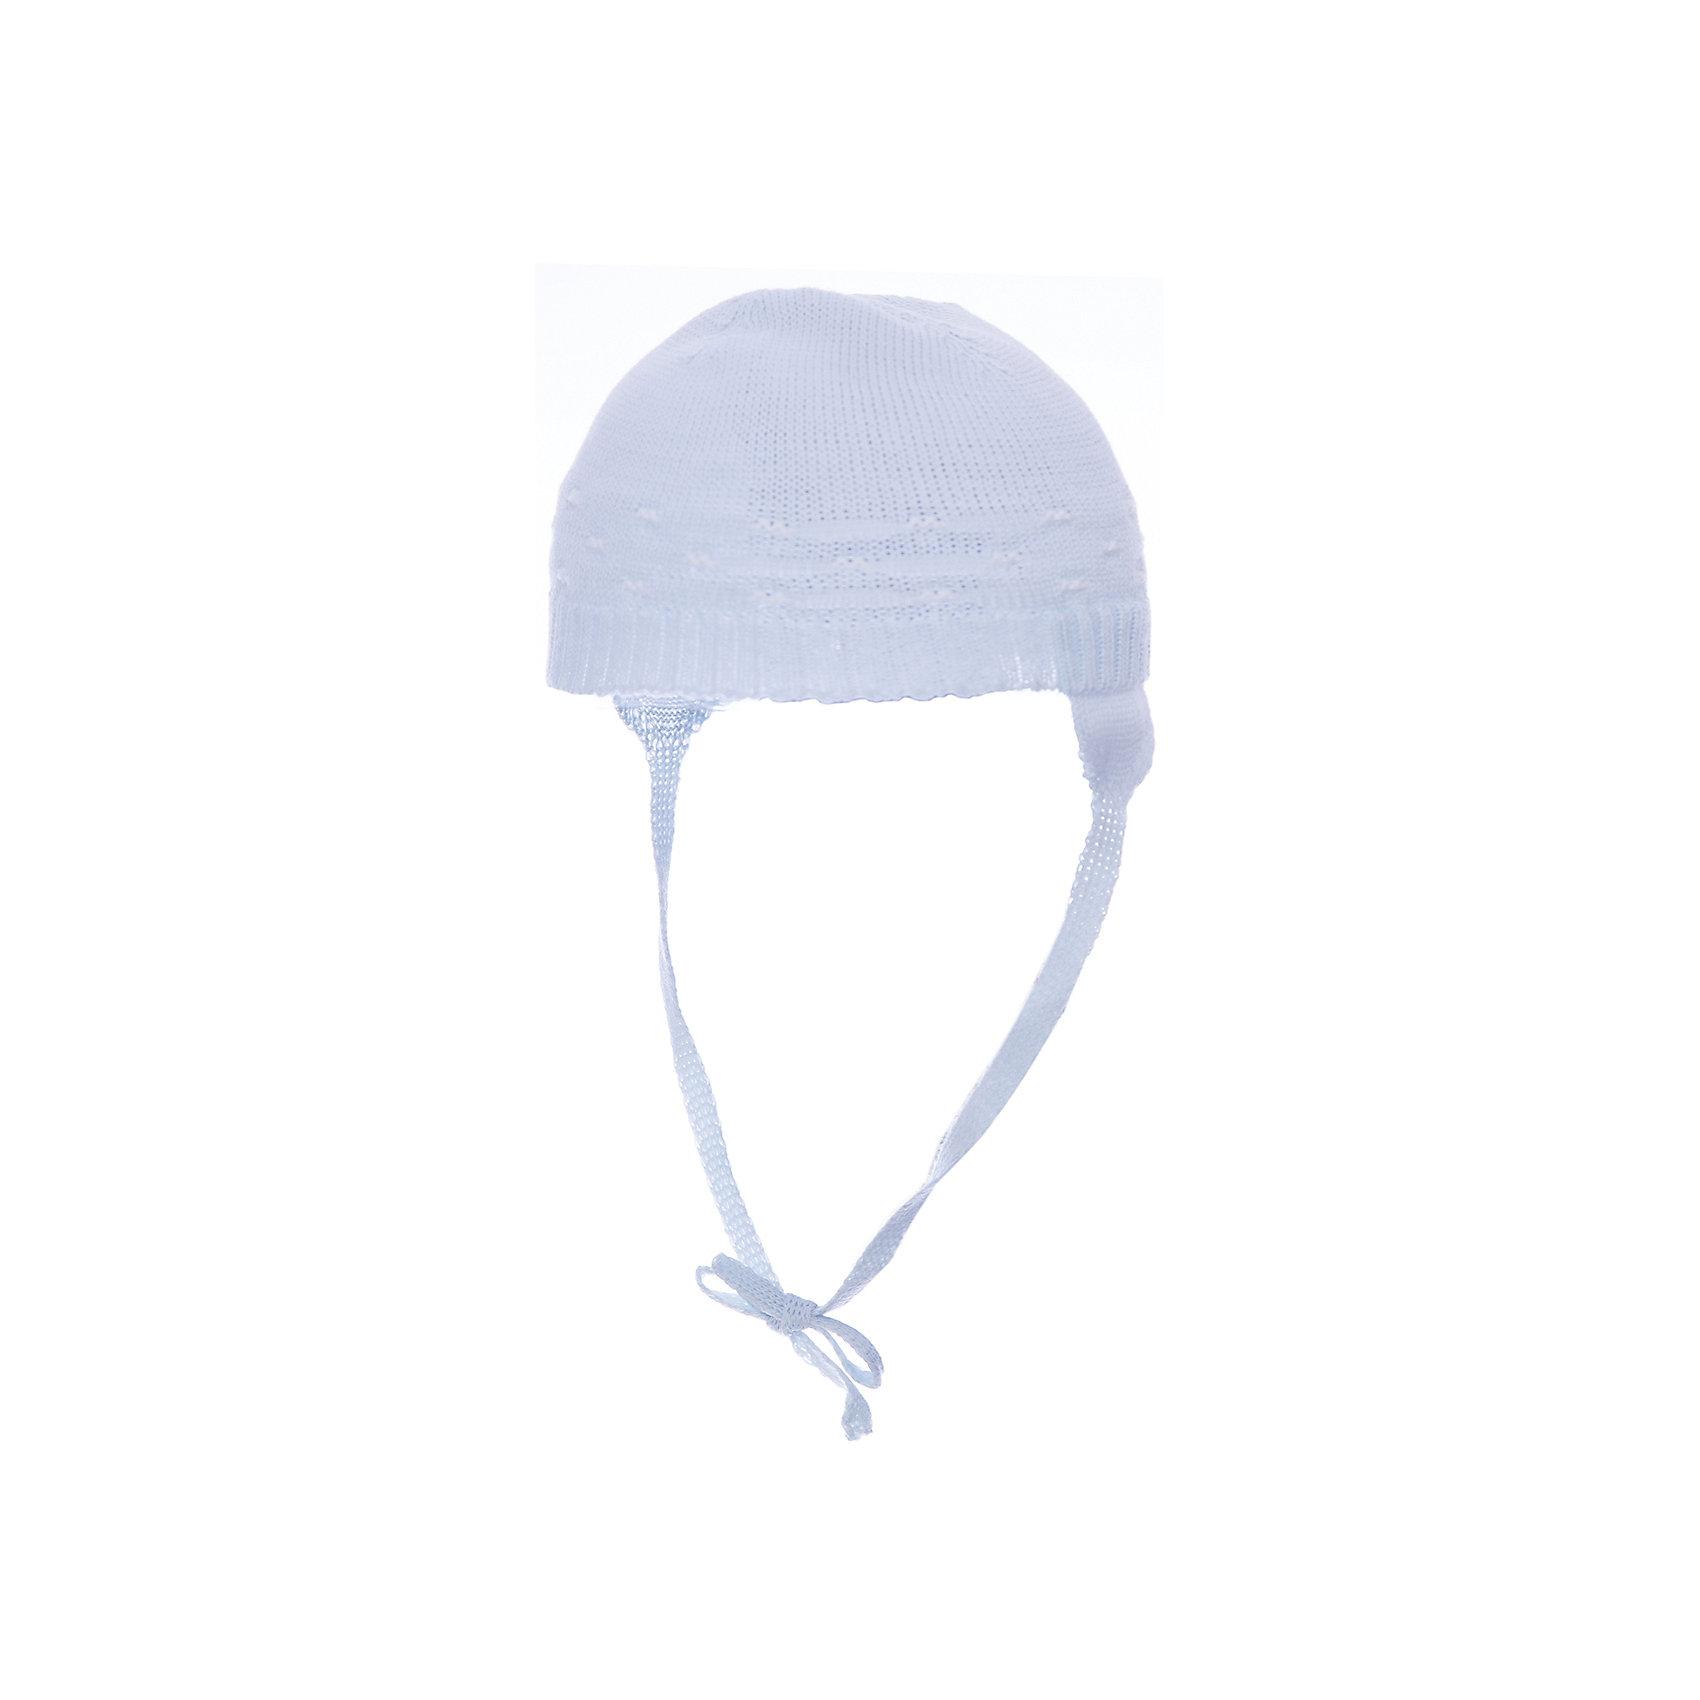 Шапка АртельШапочки<br>Шапка от торговой марки Артель <br><br>Оригинальная шапочка для самых маленьких. Модель отлично смотрится на детях и комфортно сидит. Изделие выполнено из качественных материалов, ткань — мягкая, хлопковая.<br>Одежда от бренда Артель – это высокое качество по приемлемой цене и всегда продуманный дизайн. <br><br>Особенности модели: <br>- цвет — голубой;<br>- завязки внизу; <br>- натуральная шерсть. <br><br>Дополнительная информация: <br><br>Состав: 100% шерсть.<br><br>Шапку Артель (Artel) можно купить в нашем магазине.<br><br>Ширина мм: 89<br>Глубина мм: 117<br>Высота мм: 44<br>Вес г: 155<br>Цвет: голубой<br>Возраст от месяцев: 4<br>Возраст до месяцев: 6<br>Пол: Унисекс<br>Возраст: Детский<br>Размер: 44,42,38,40<br>SKU: 4500638